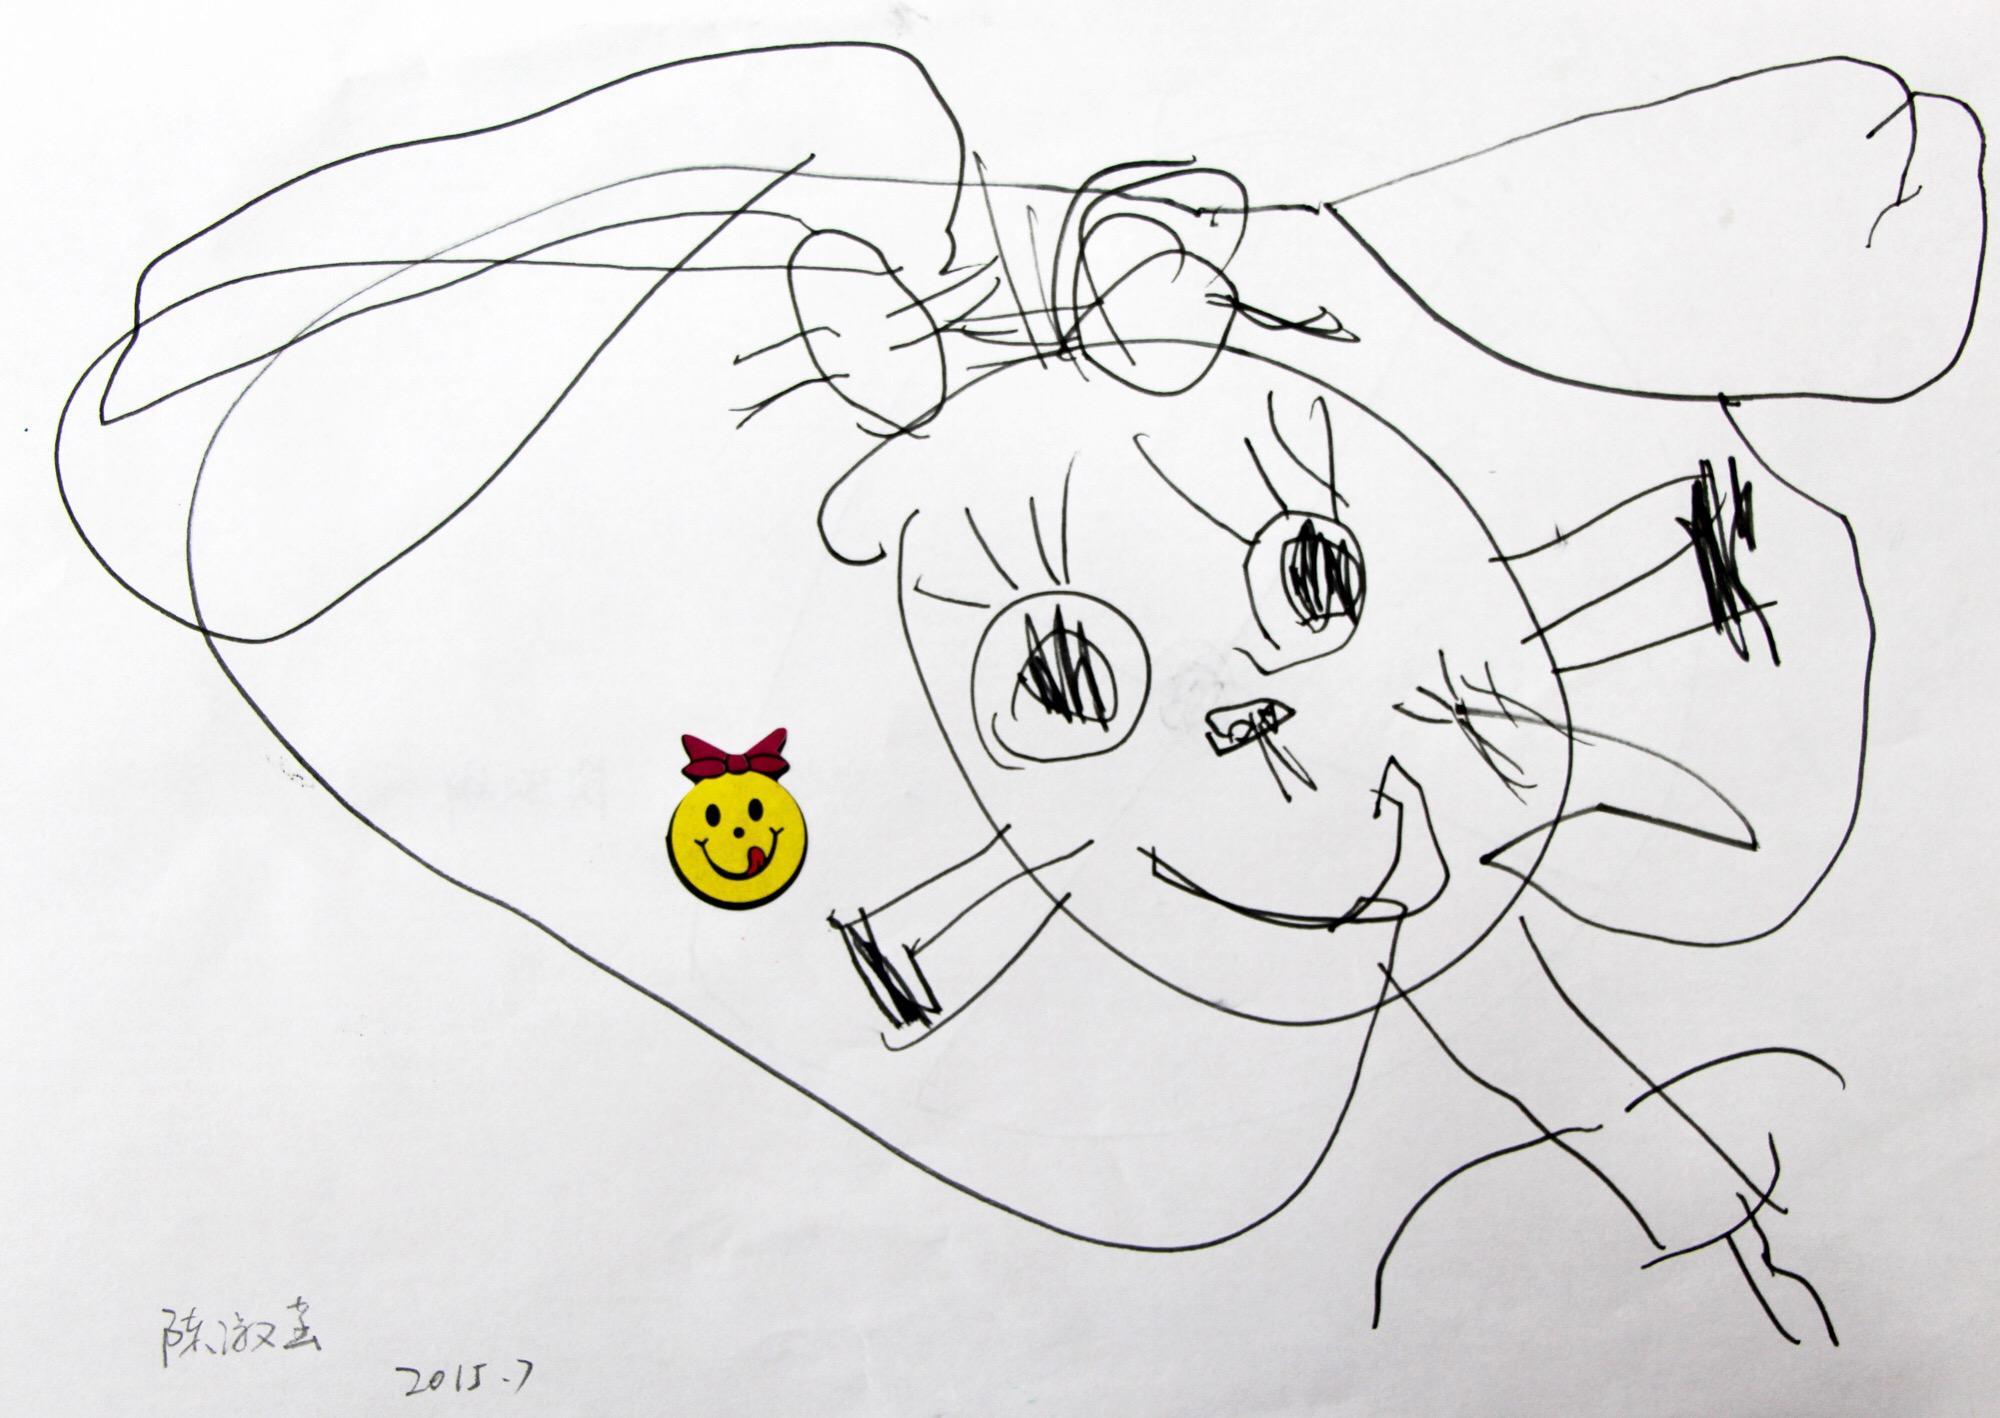 三岁半到四岁小孩的绘画成长记录——一步一个脚印走下去图片